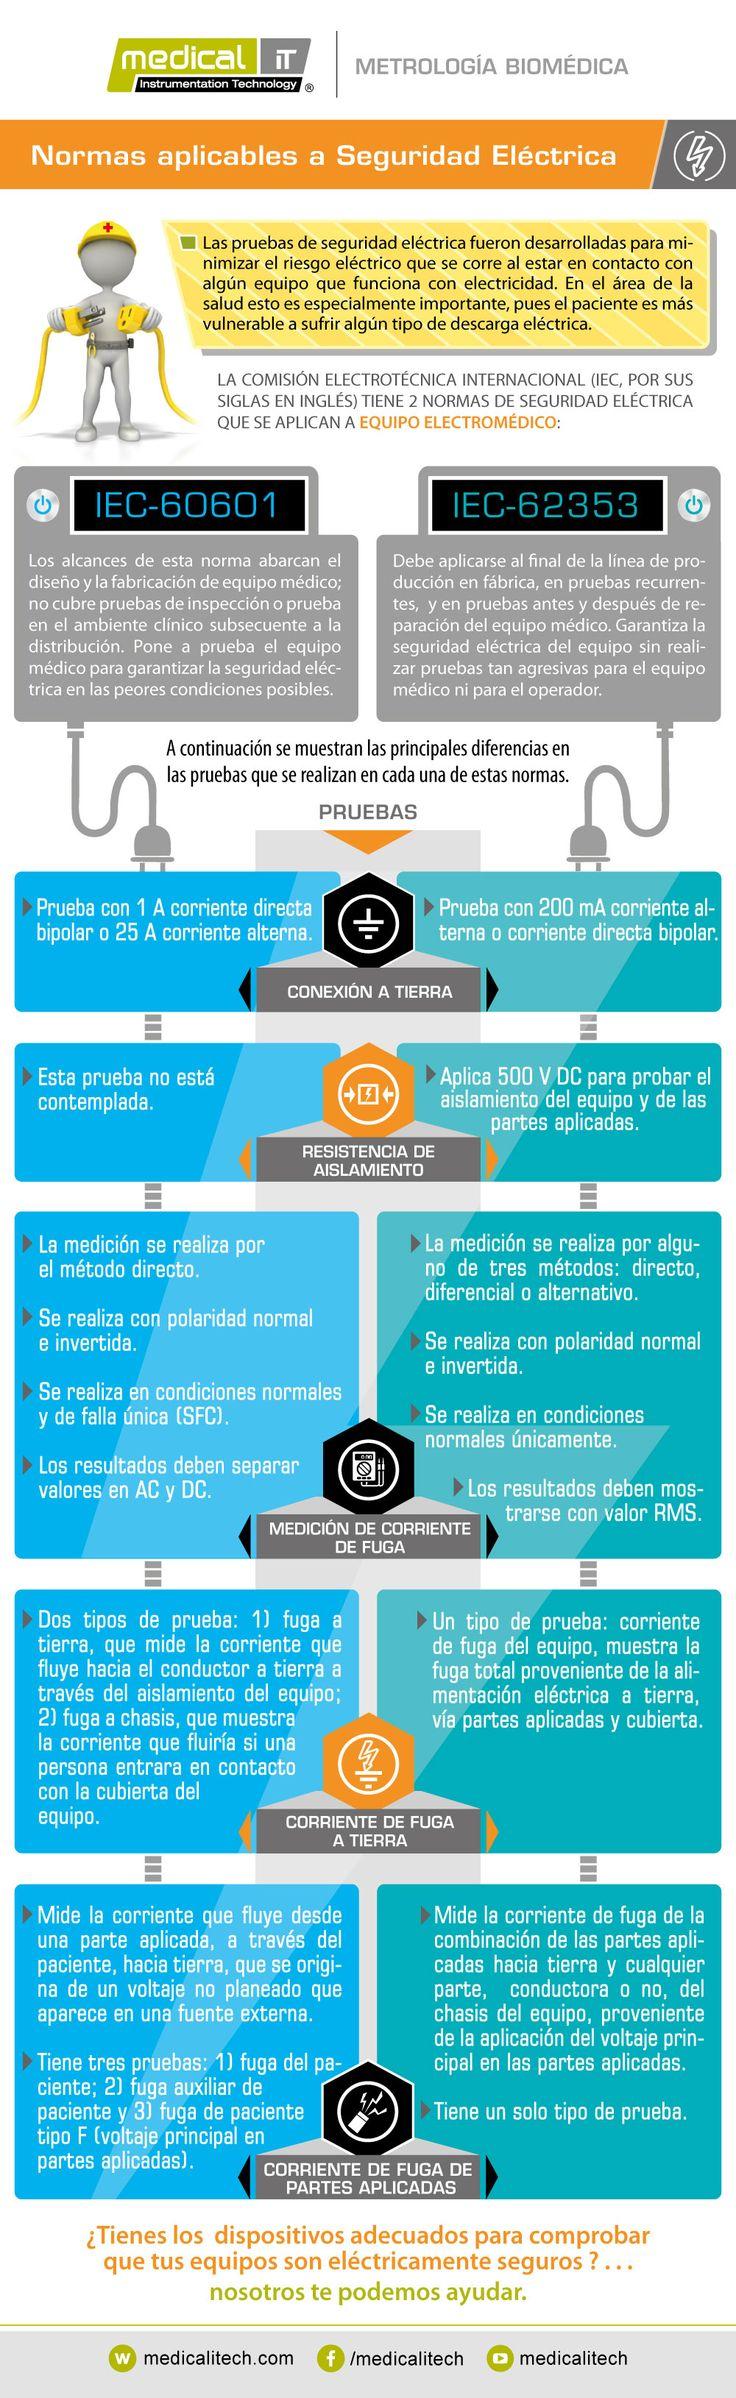 Normas aplicables a seguridad Eléctrica, Descarga la infografía!!! #MedicalIt #MetrologiaBiomedica #InnovacionEnBiomedica